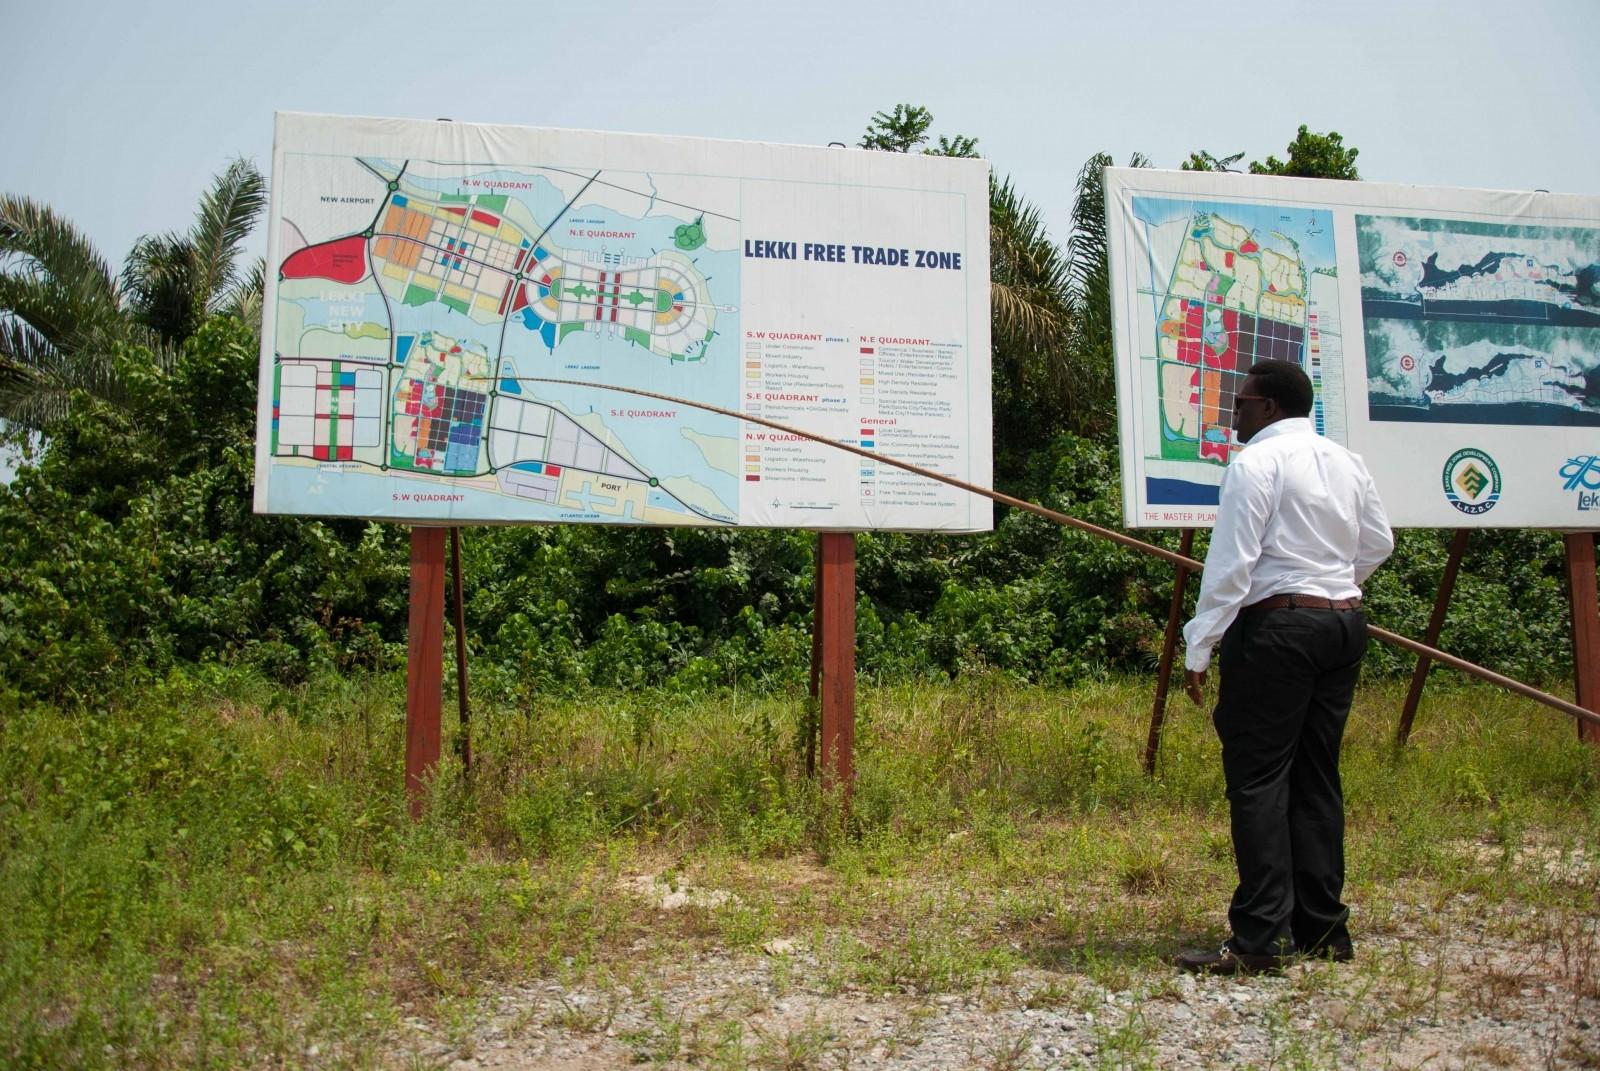 LFZ (Lekki Free Zone), actualmente en construcción, fue planificadoen China. Imagen cortesía de Go West Project.